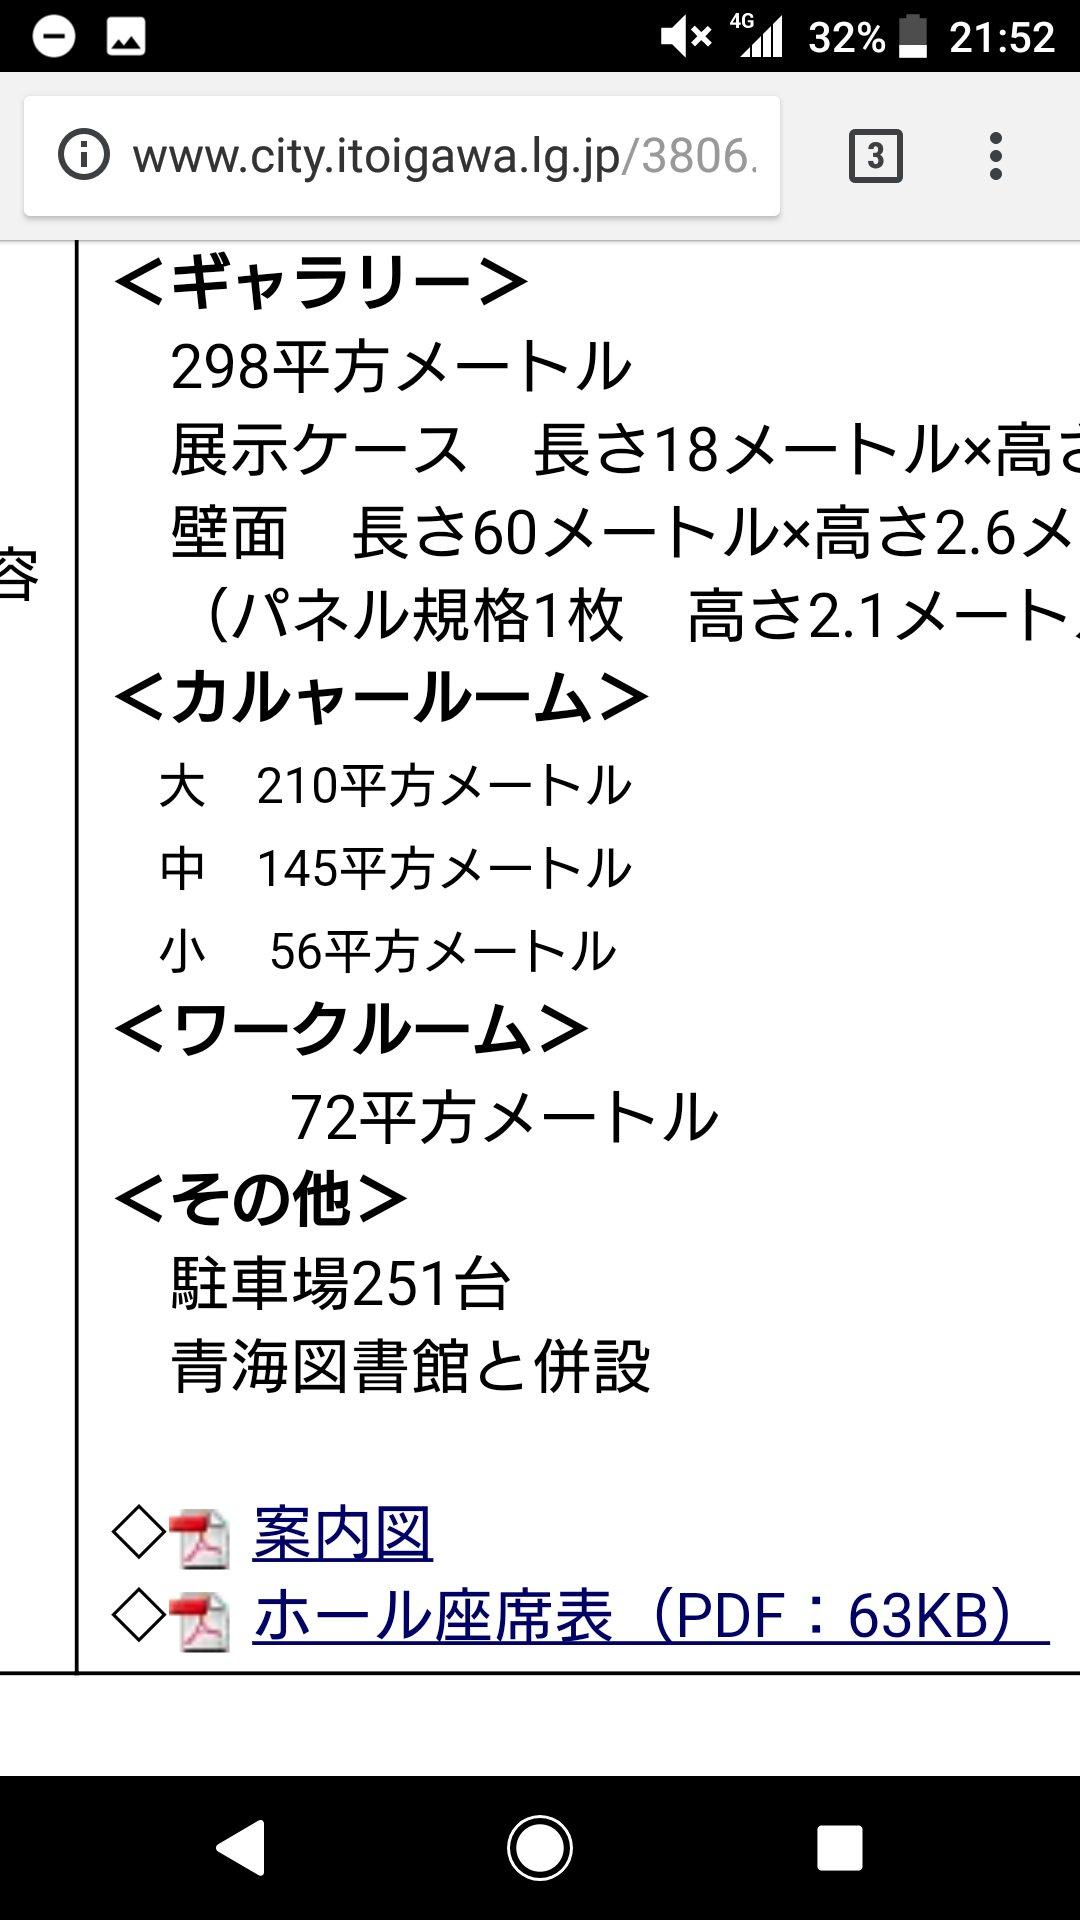 画像,青海展示棟(日本海側)、設備も整っている……。カルチャールームも……。ん? 人人人人人人人>カルャールーム< Y^Y^Y^Y^Y^Y^Y^ https://t.…